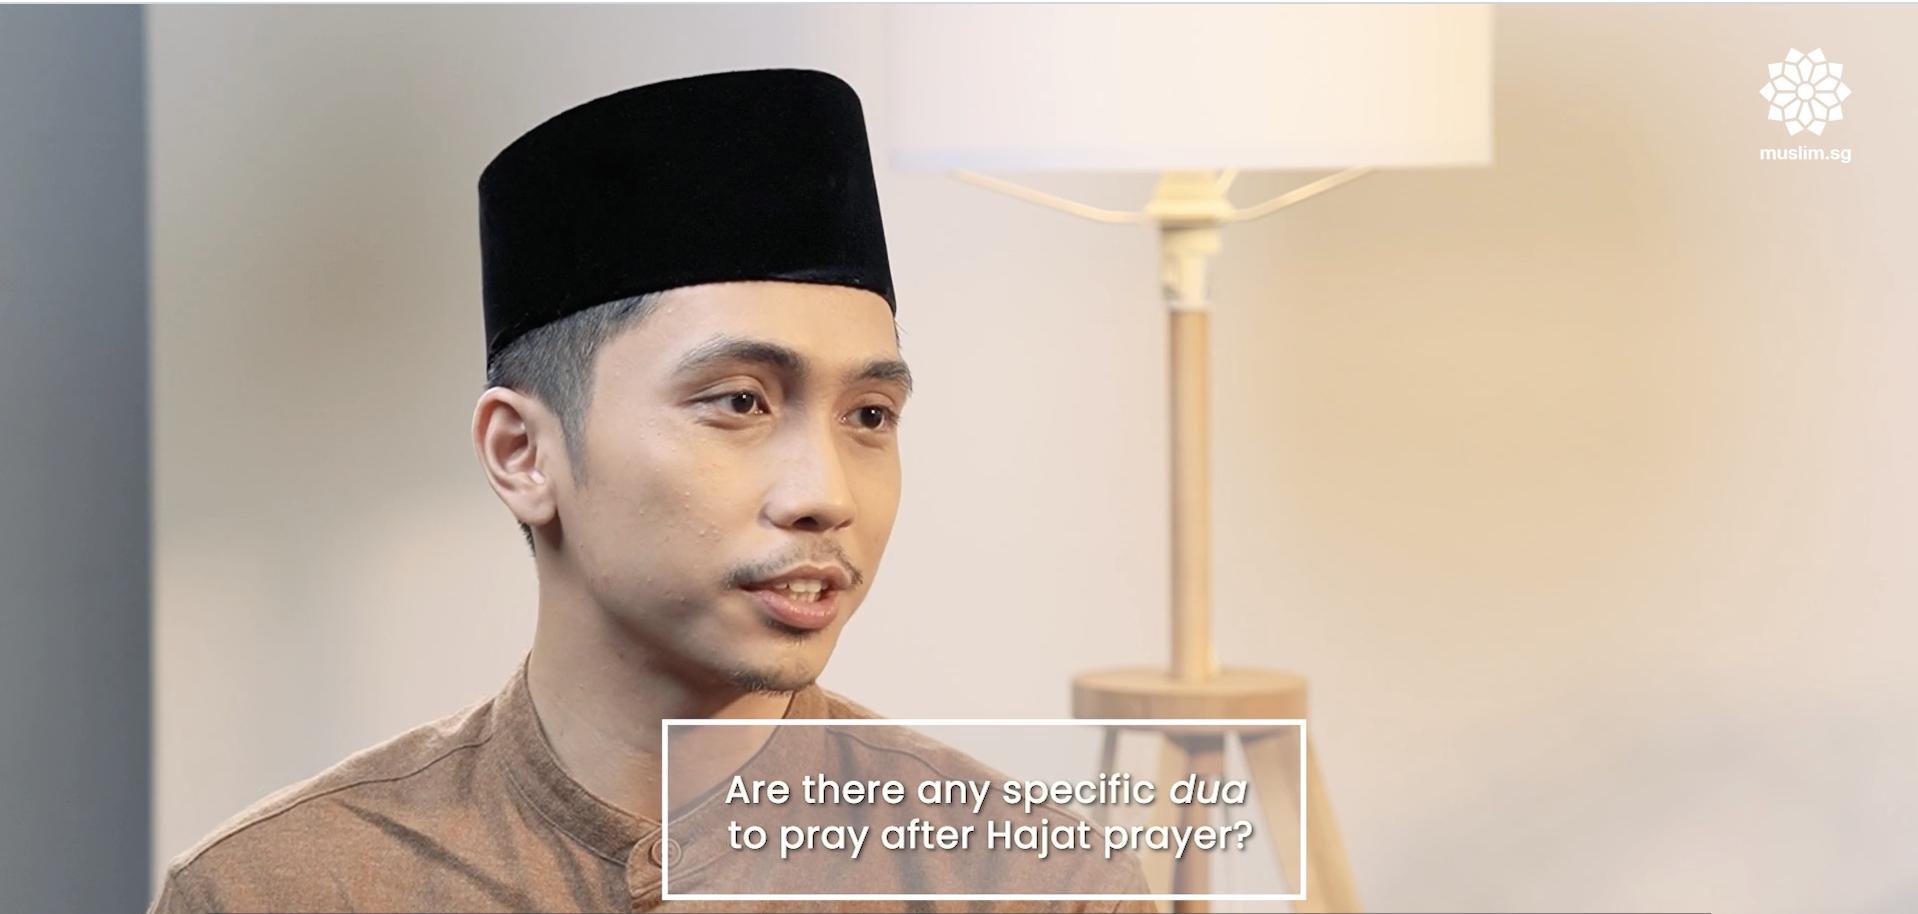 dua for hajat prayer